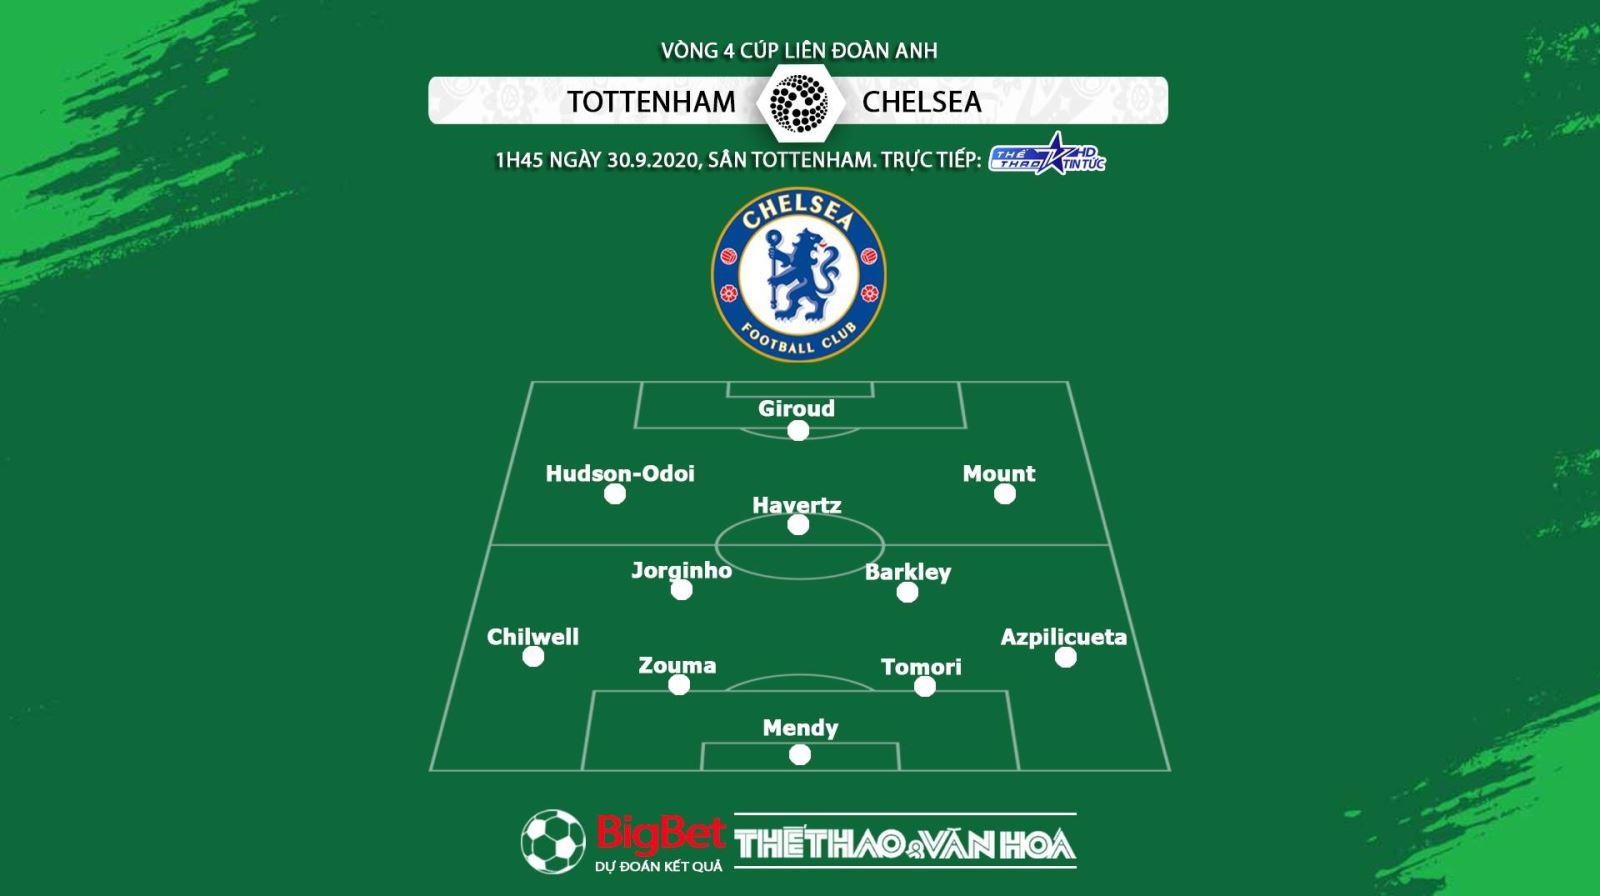 Keo nha cai, kèo nhà cái, Tottenham vs Chelsea, Vòng 4 Cúp Liên đoàn Anh, soi kèo Chelsea đấu với Tottenham, kèo Chelsea, kèo Tottenham, trực tiếp Tottenham vs Chelsea